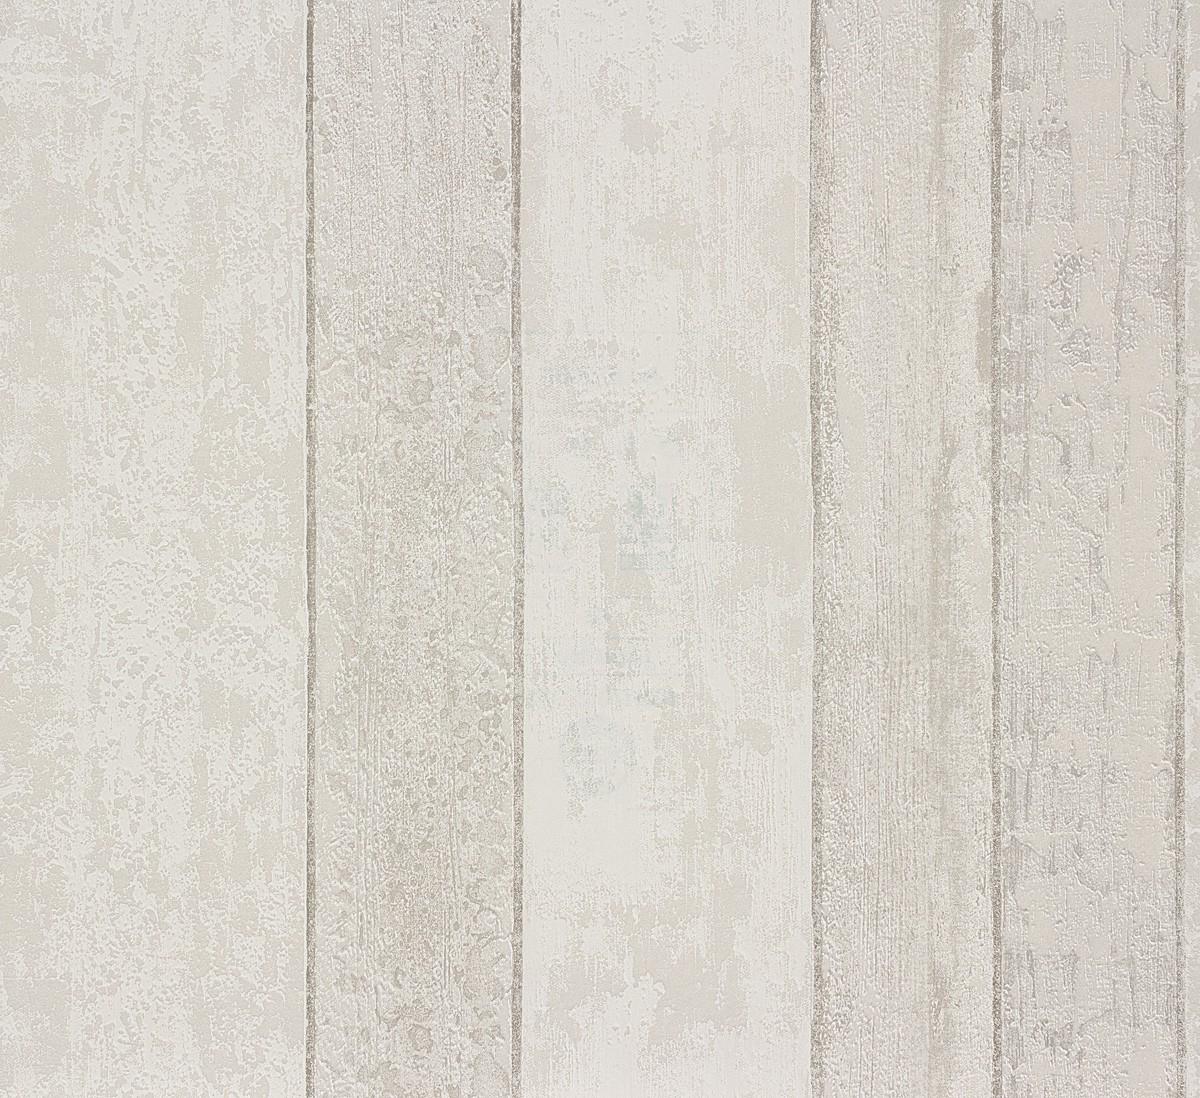 Tapete Holz Holzbrett Rasch Pure Vintage grau weiß